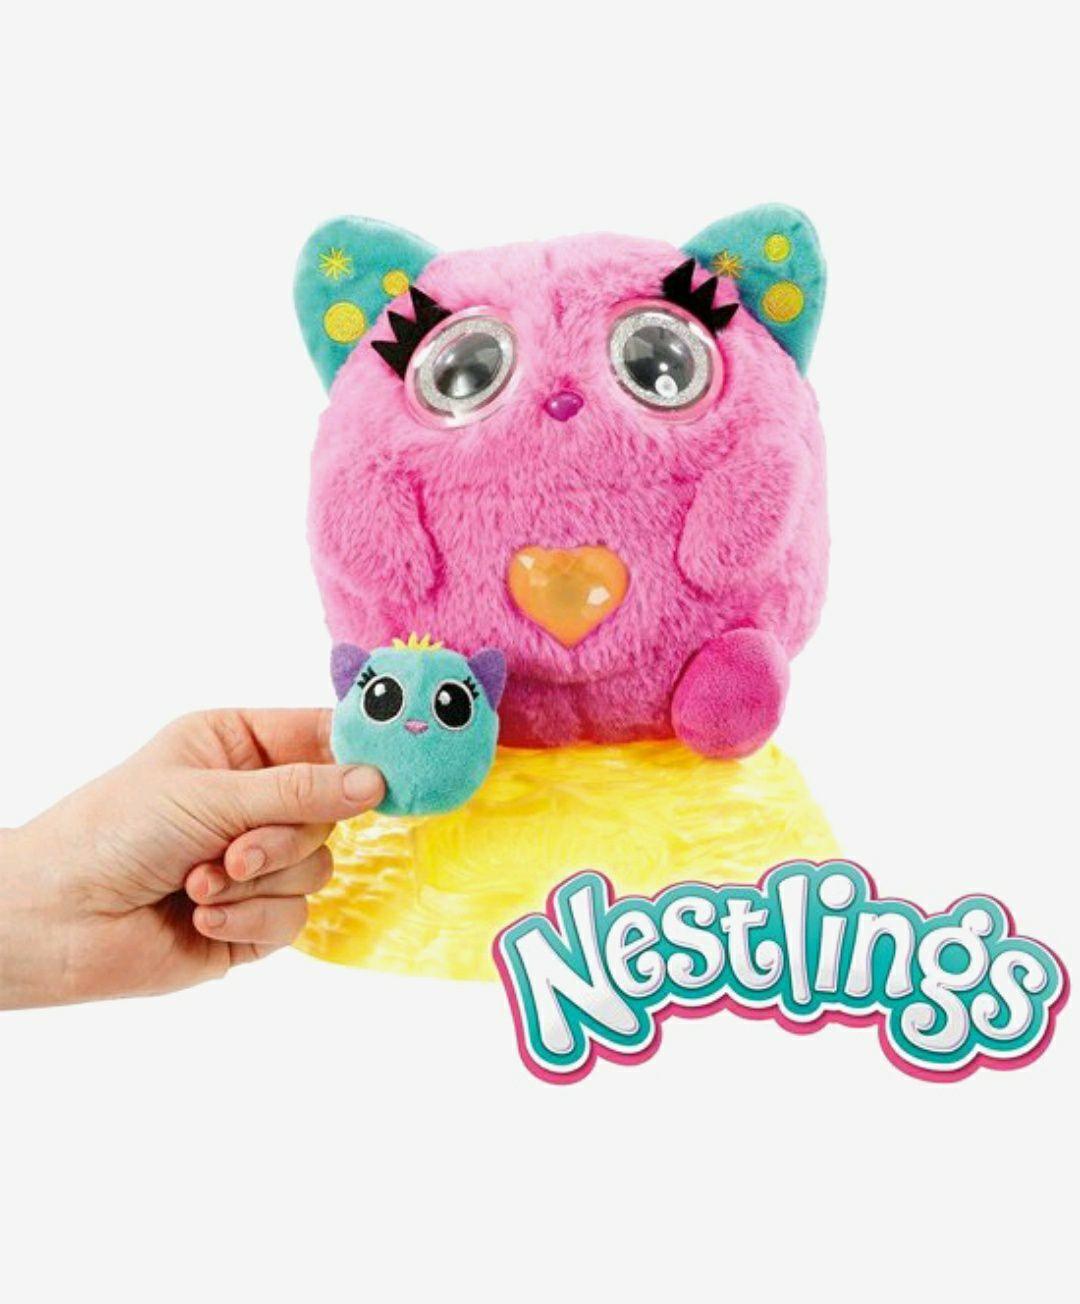 Nestlings Roze Interactieve knuffel